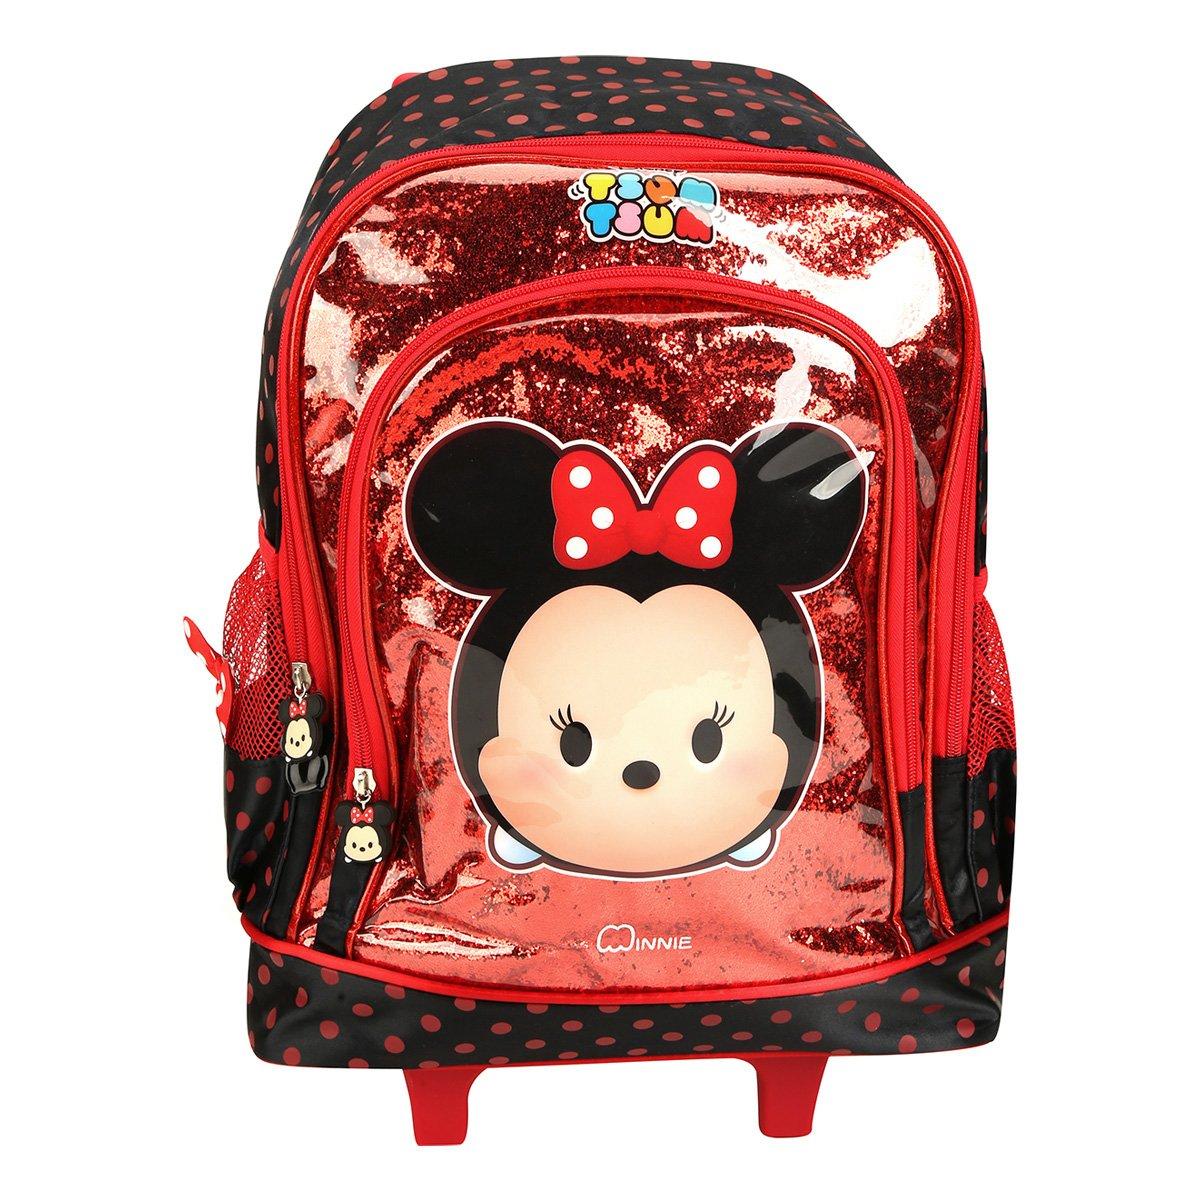 5f5890fc5 Mochila de Rodinha Infantil Escolar Luxcel Disney Minnie Tsum Tsum ...